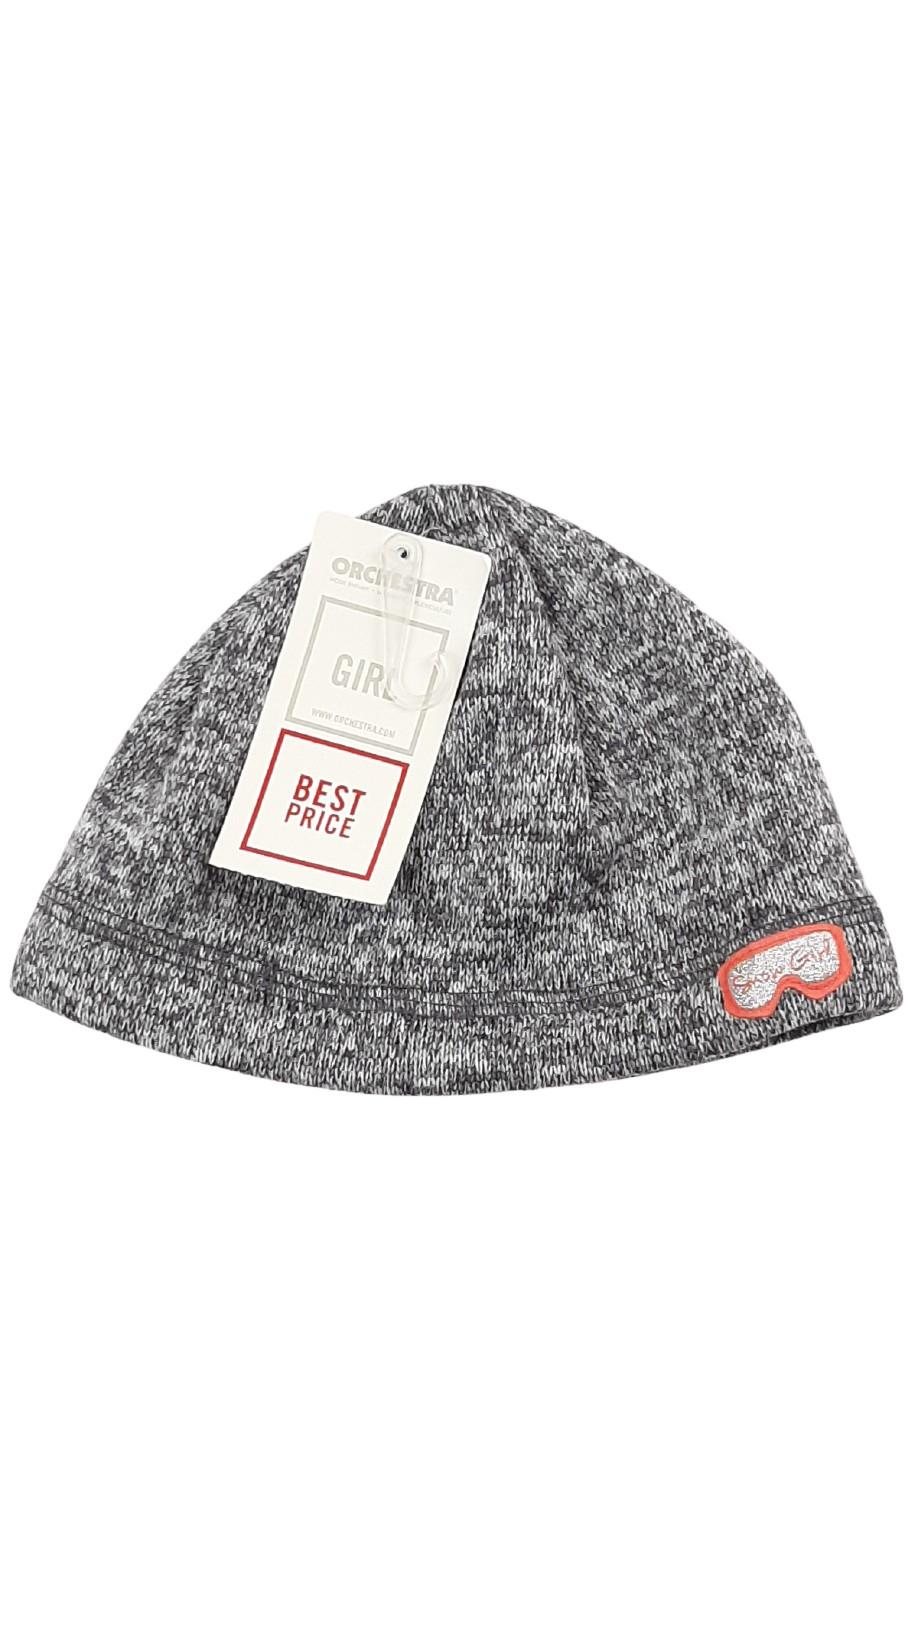 Bonnet/tuque chaude taille 50 cm 1